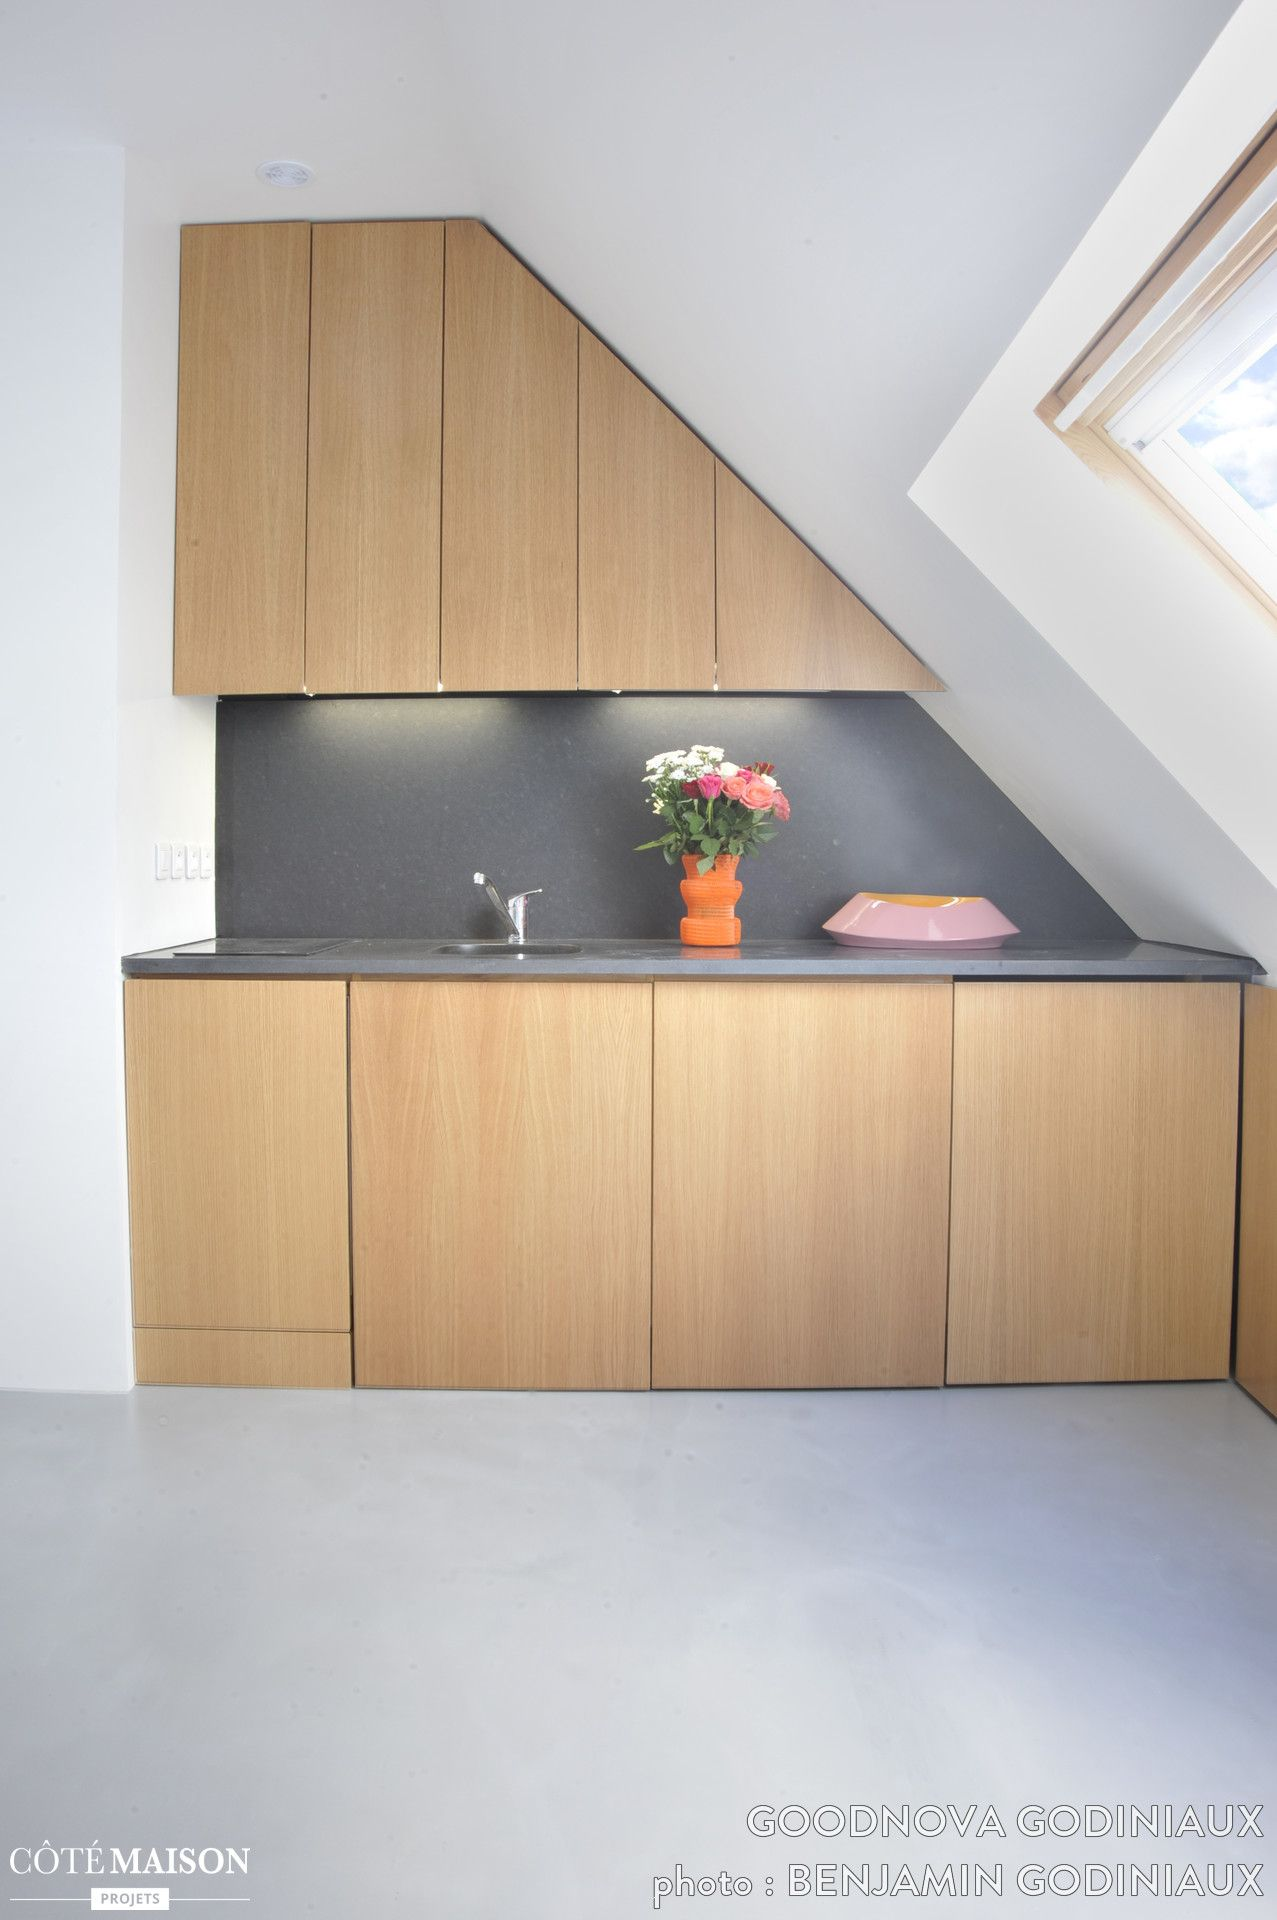 Restructuration d'un studio sous les toits en deux pièces compact pour 38 000 euros, goodnova godiniaux - Côté Maison